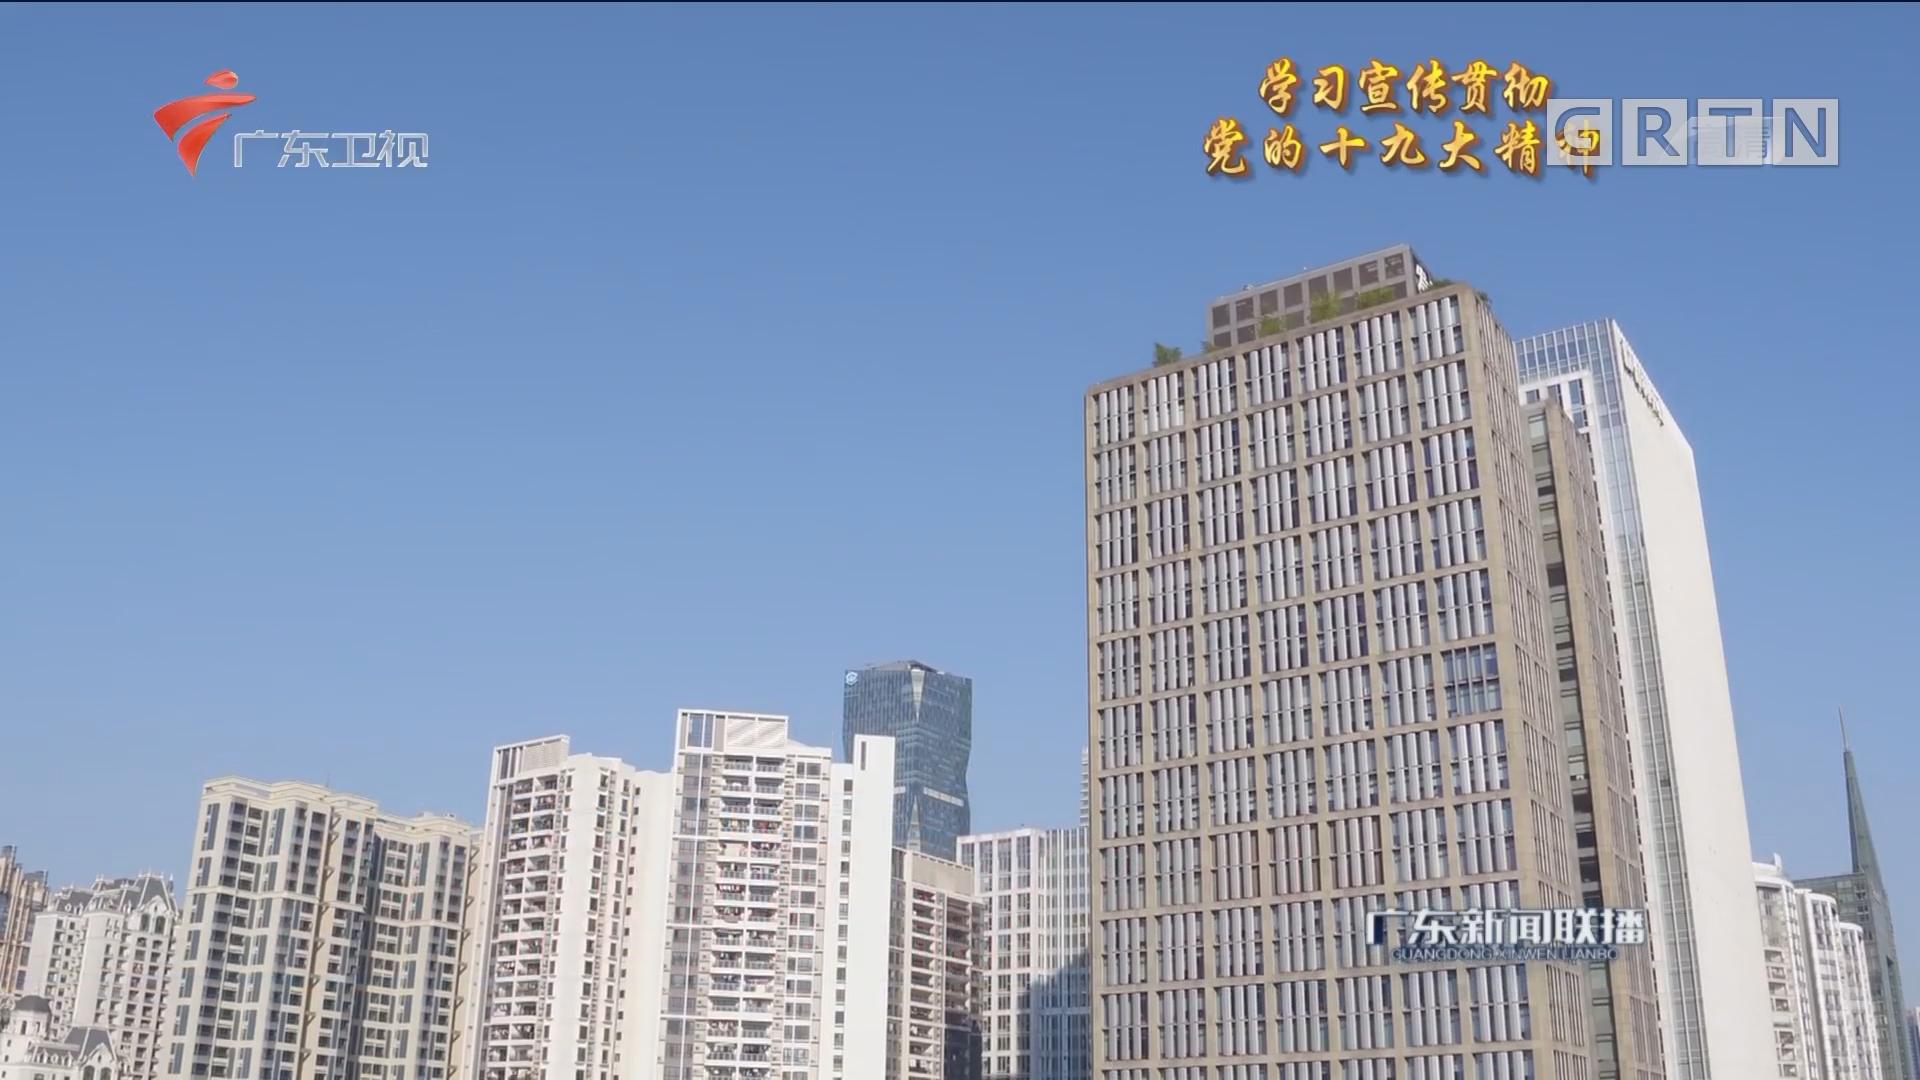 广东:全面建设国家科技产业创新中心加快打造科技创新强省